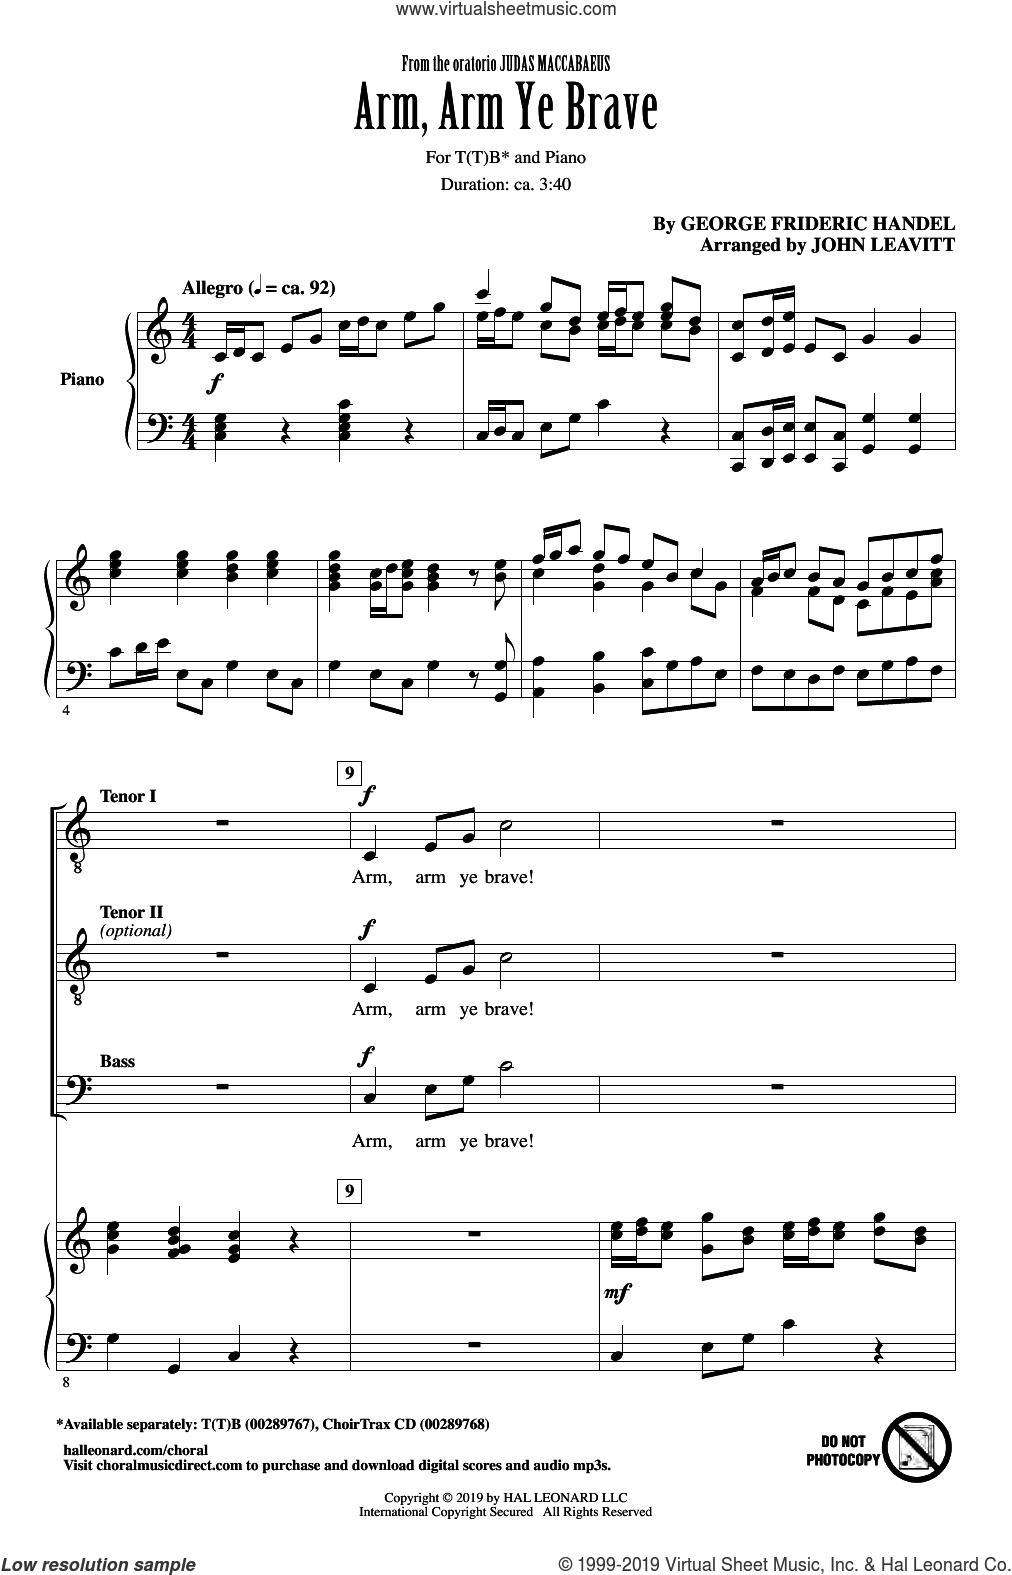 Arm, Arm Ye Brave (arr. John Leavitt) sheet music for choir by George Frideric Handel and John Leavitt, intermediate skill level